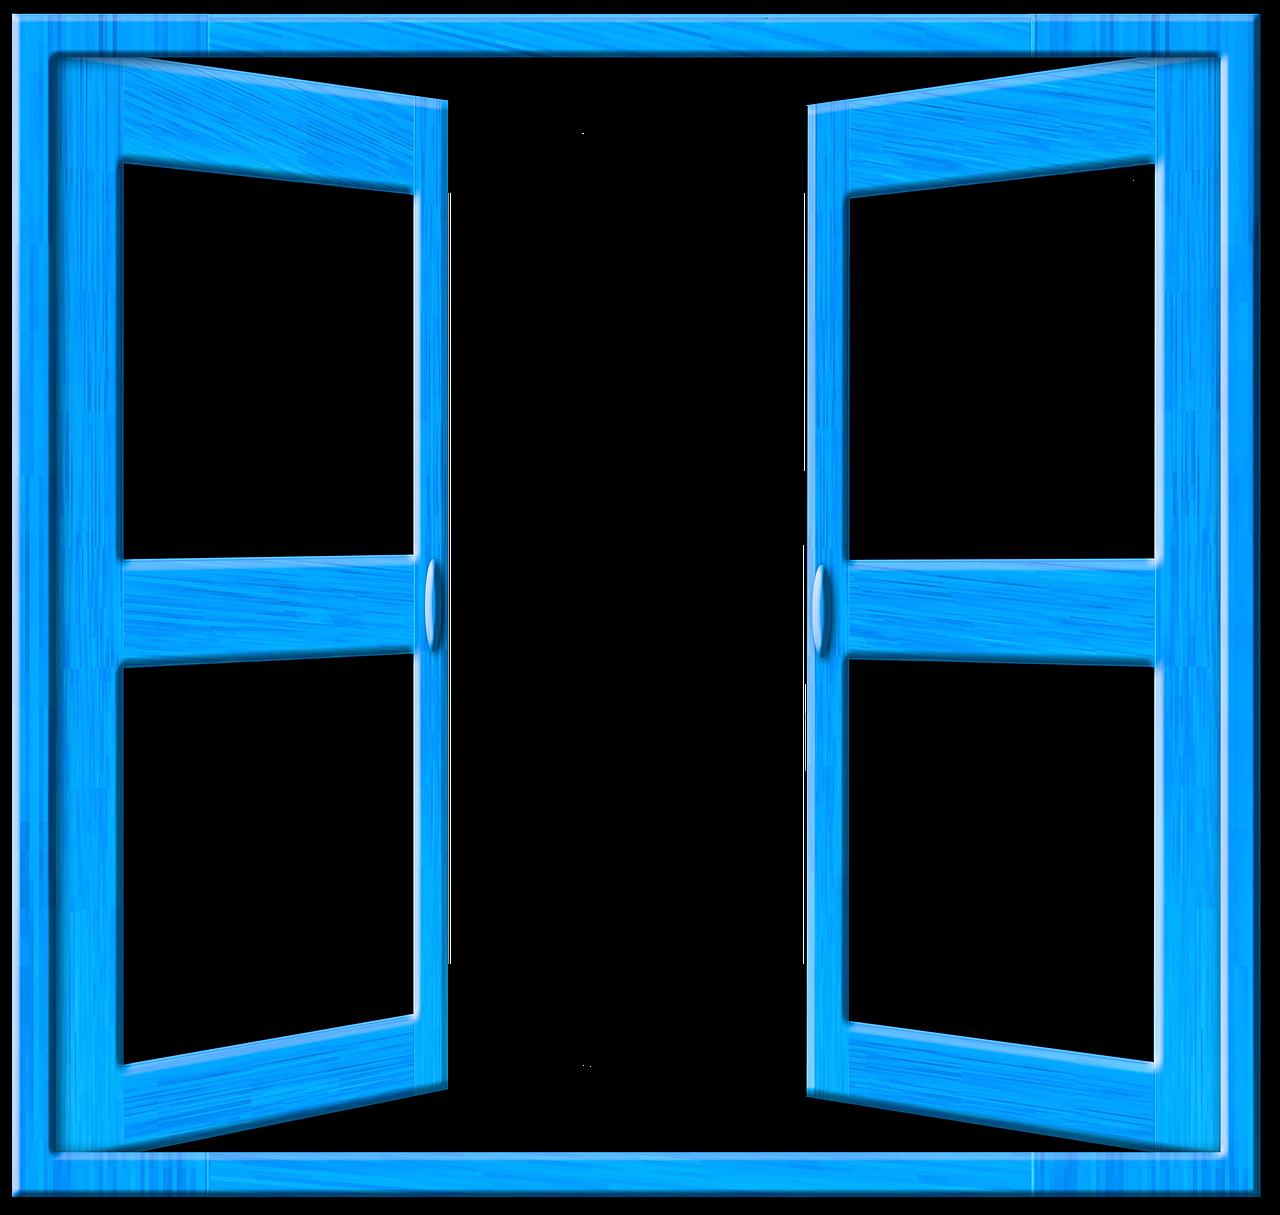 Matkabezkitu A Jednak Okno Oknu Nier 243 Wne